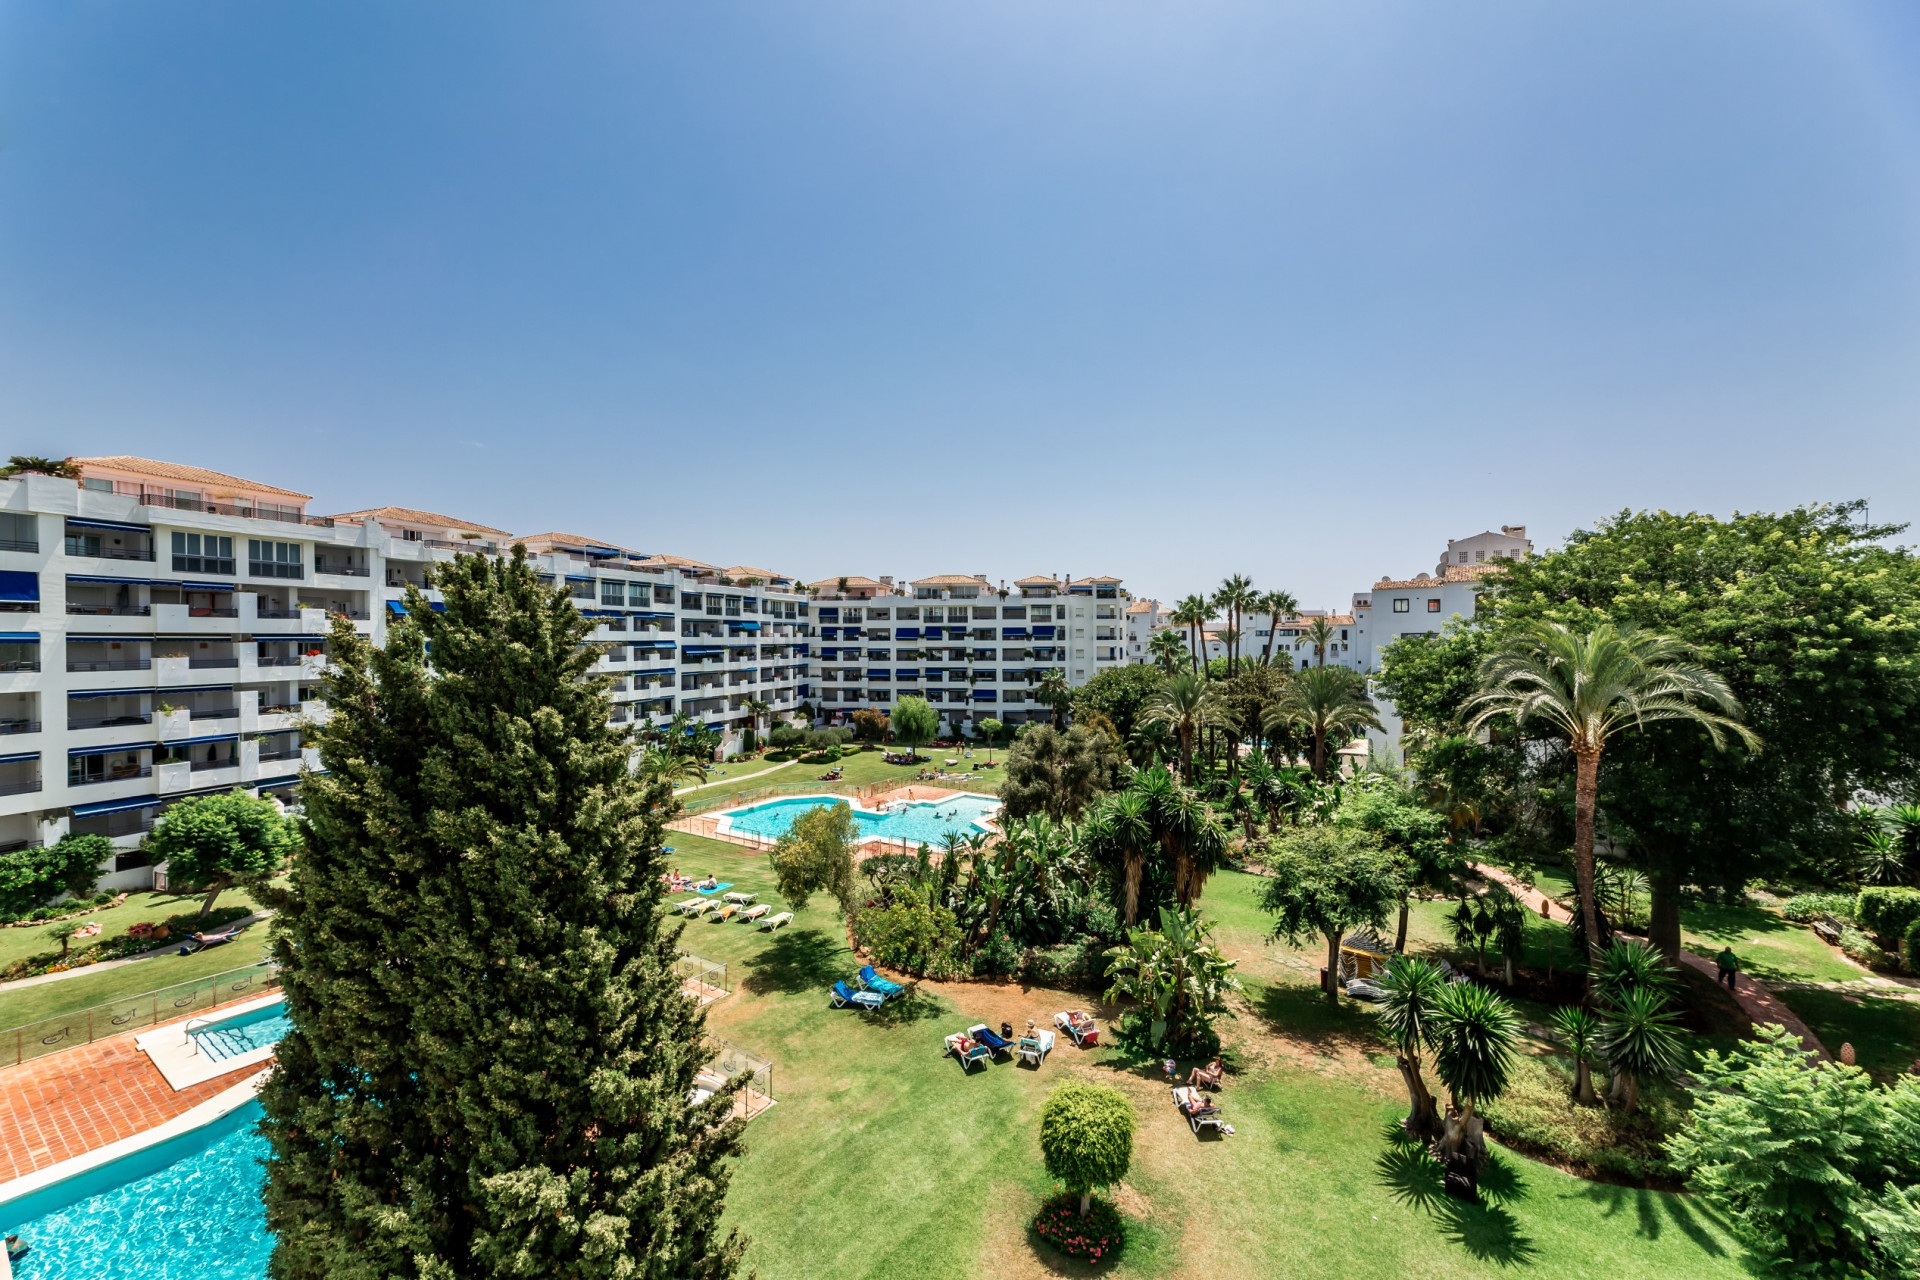 ARFA1440.4 Wunderschöne Wohnung in Jardines del Puerto, Puerto Banus - Marbella